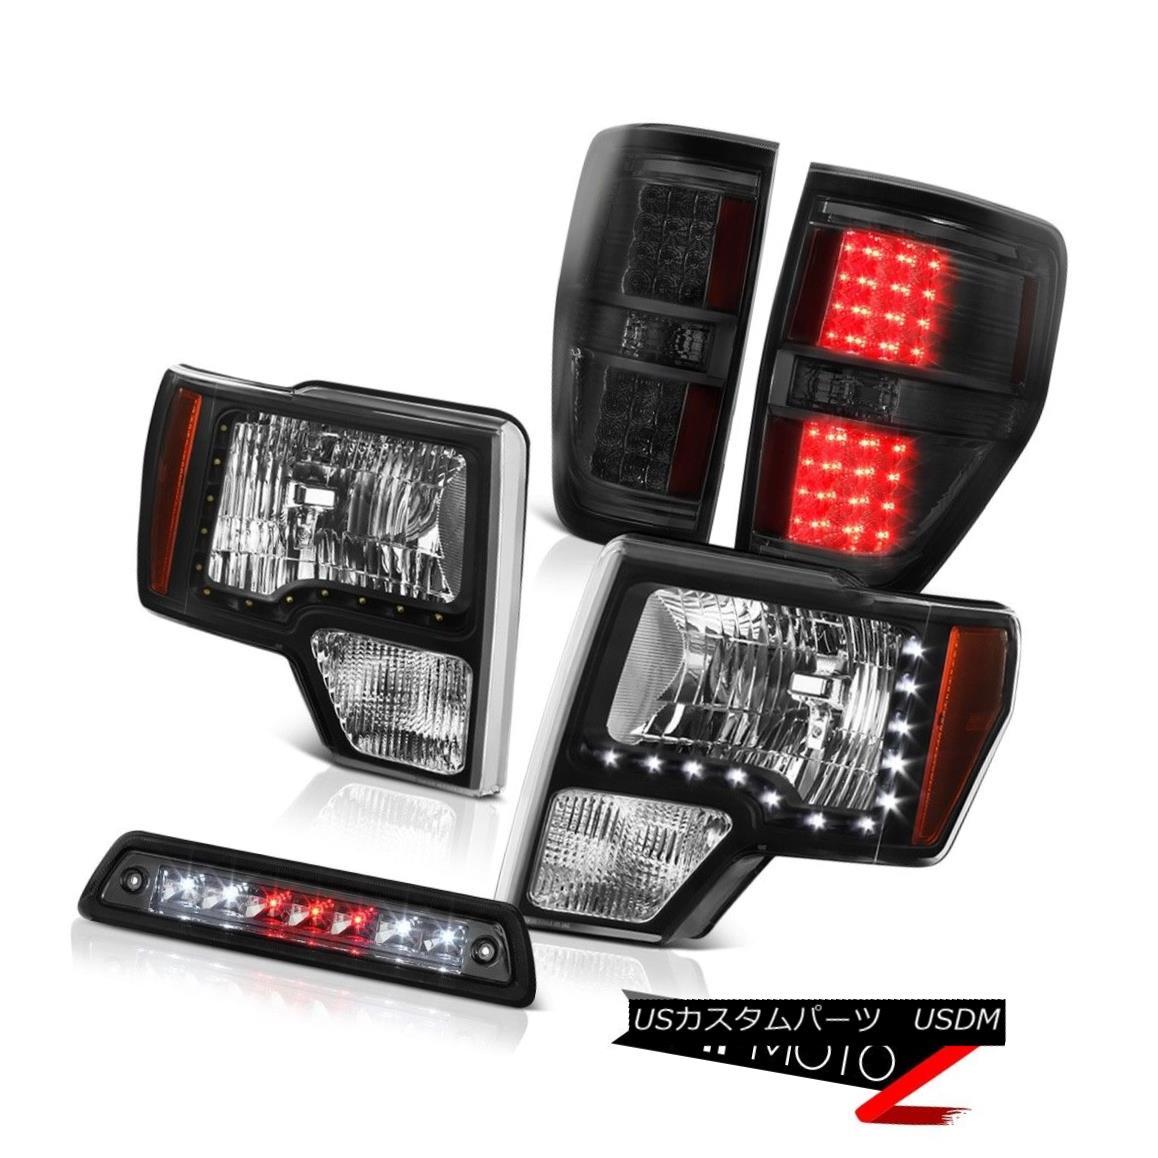 テールライト 09-14 F150 STX 3rd brake light tail lights black headlamps led DRL